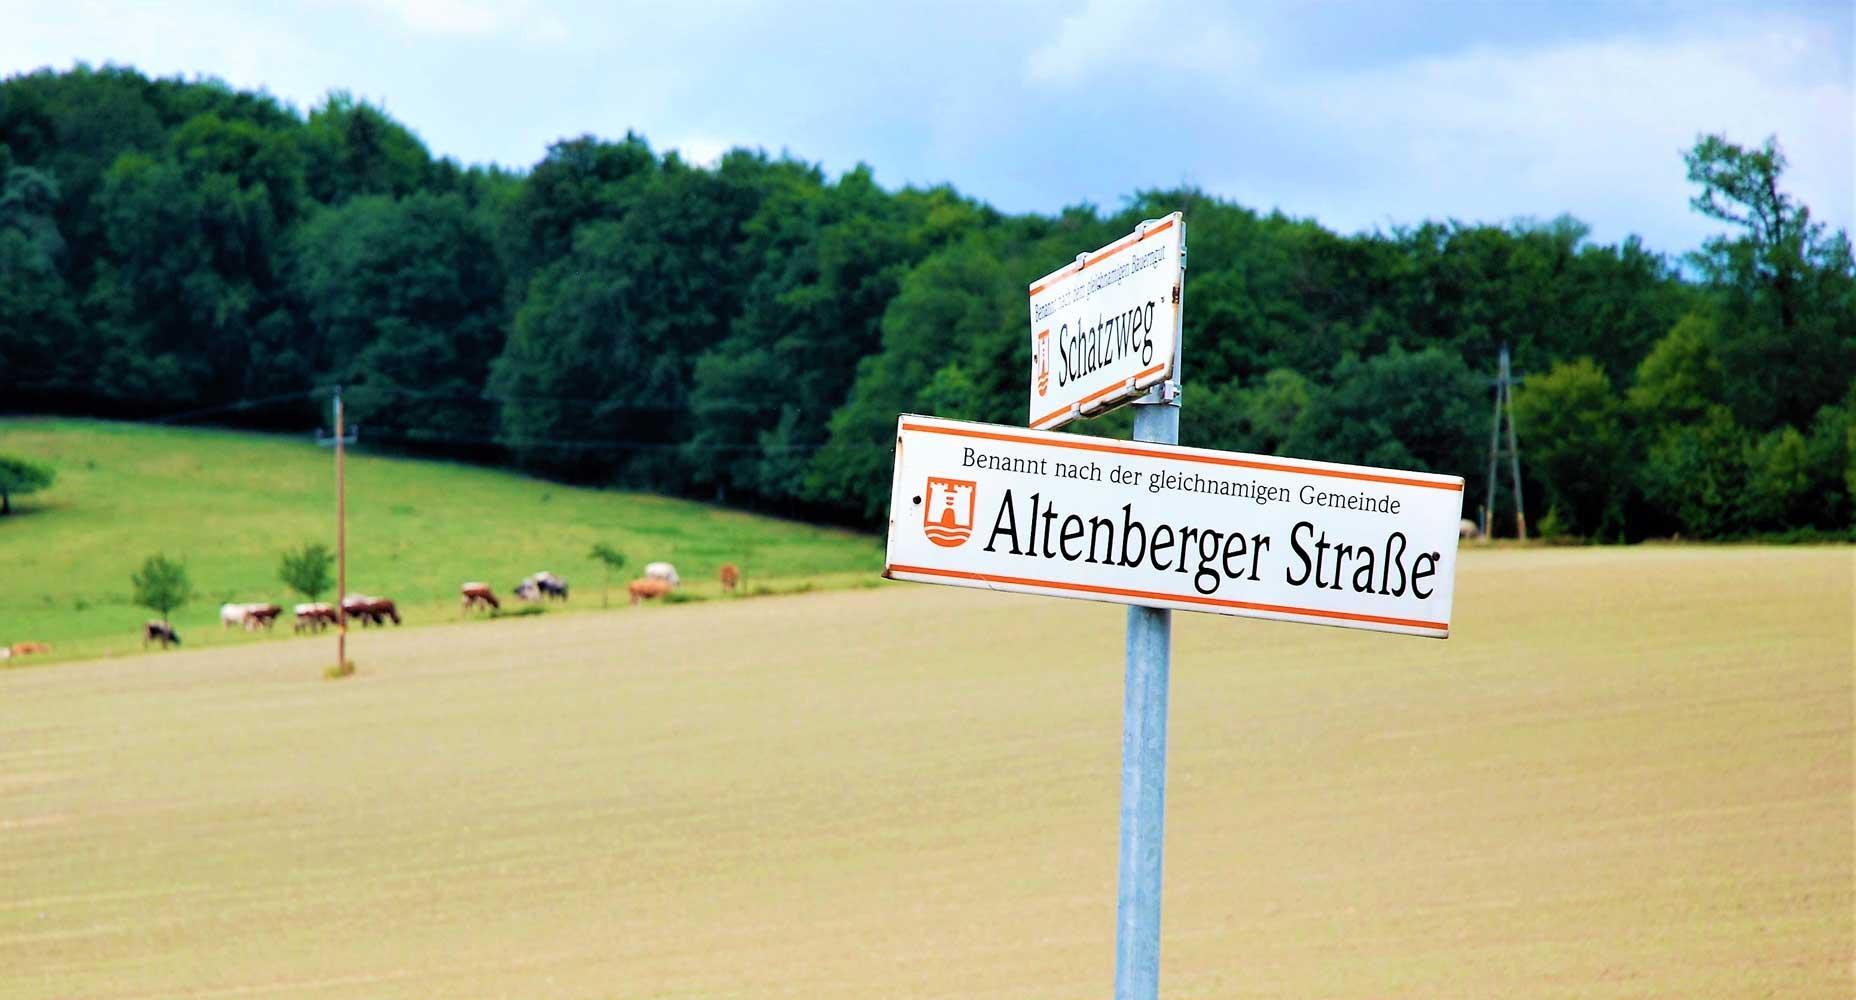 Altenbergerstrasse 74 Linz